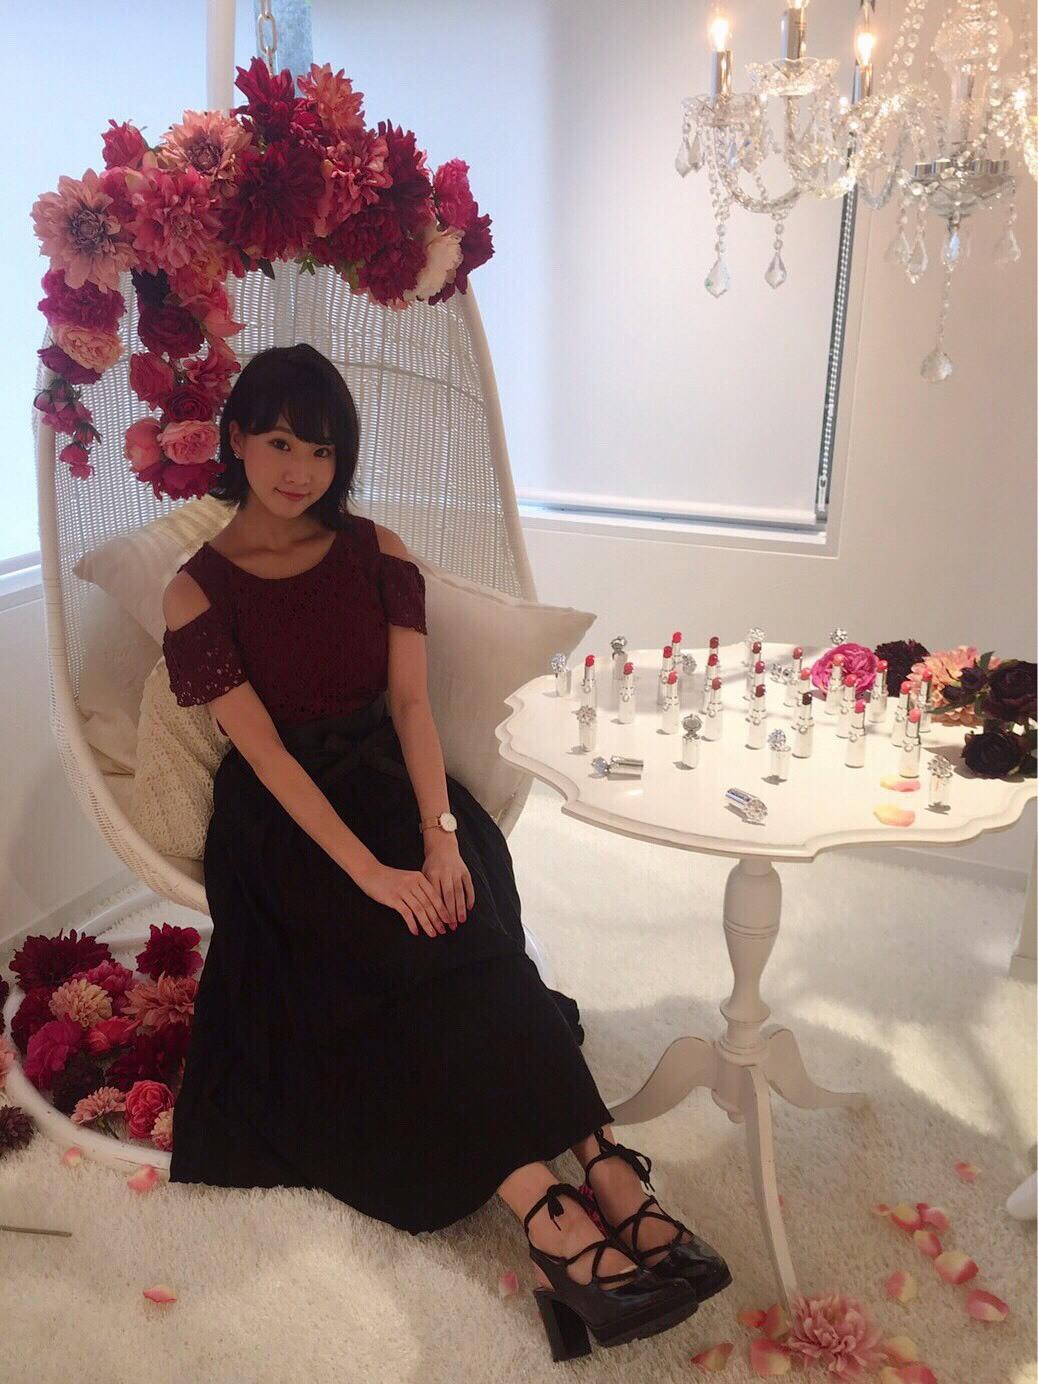 """【 第53回❤︎ 】9/1発売 新作コスメ!""""JILL STUART Dreamy Gallery""""へ*_1_6"""